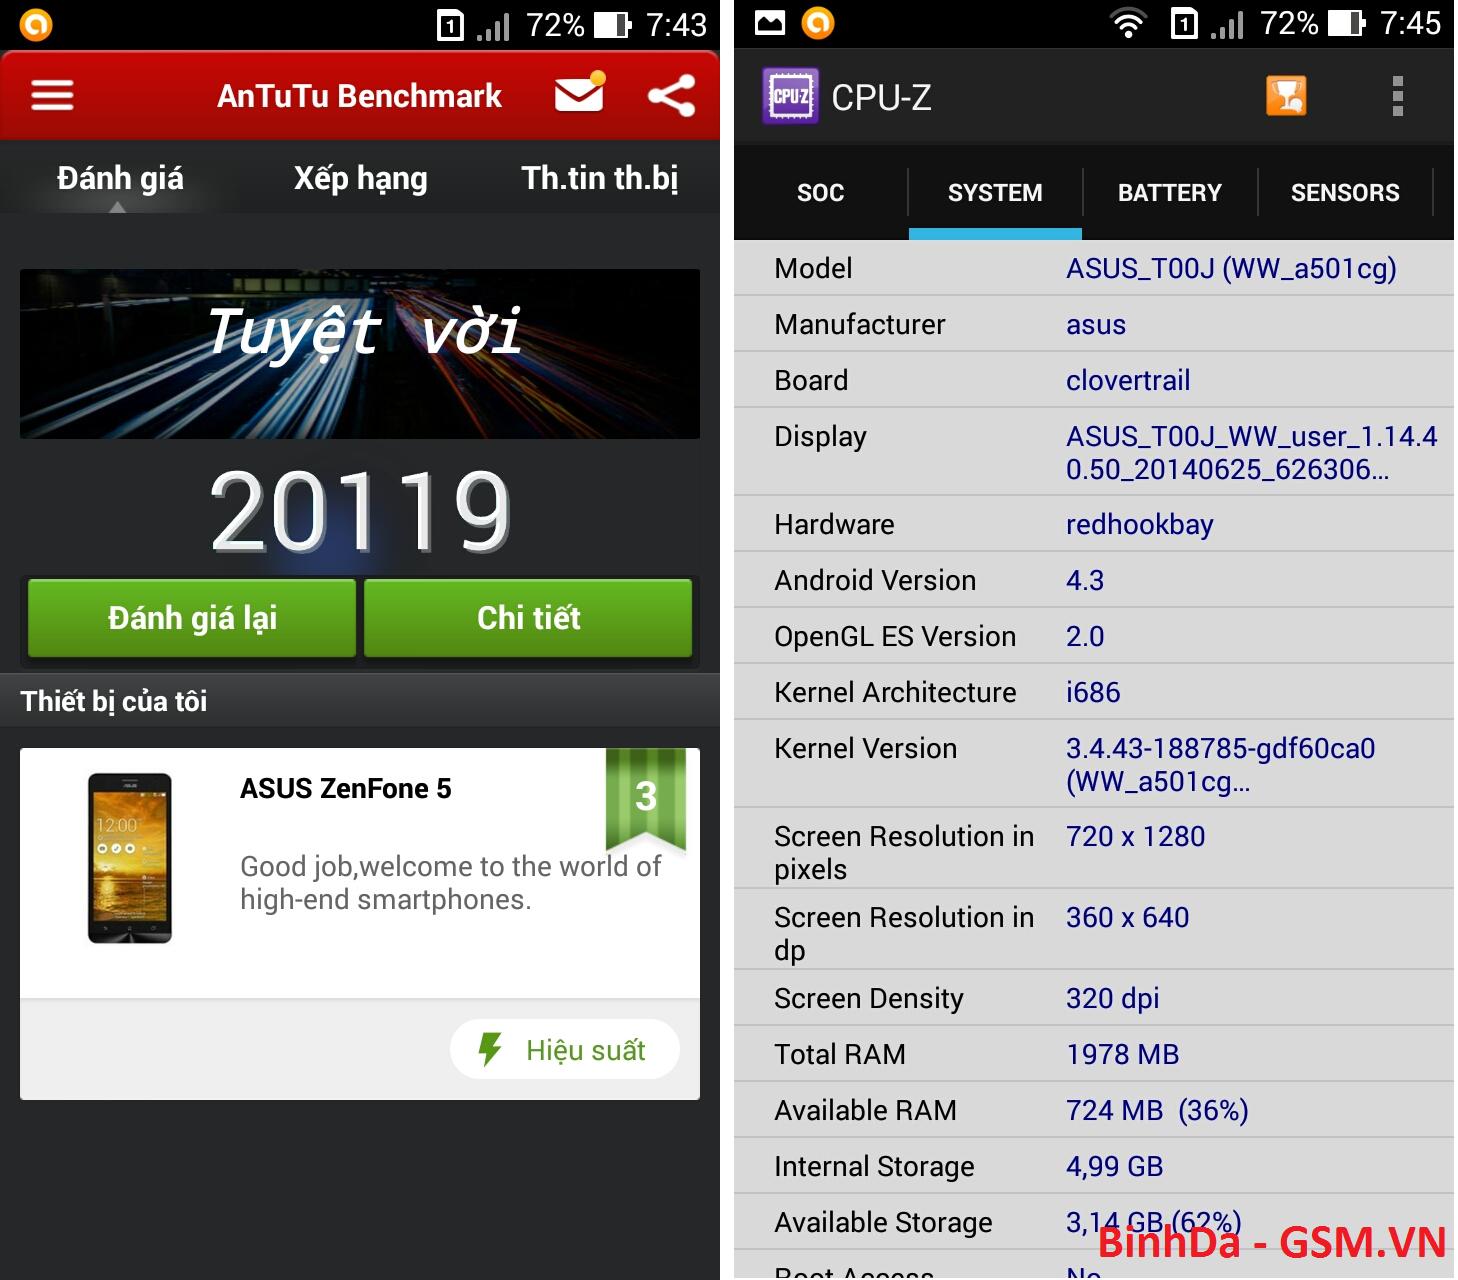 Tôi đã trải nghiệm được những gì trên Asus Zenfone 5 ? - 25878